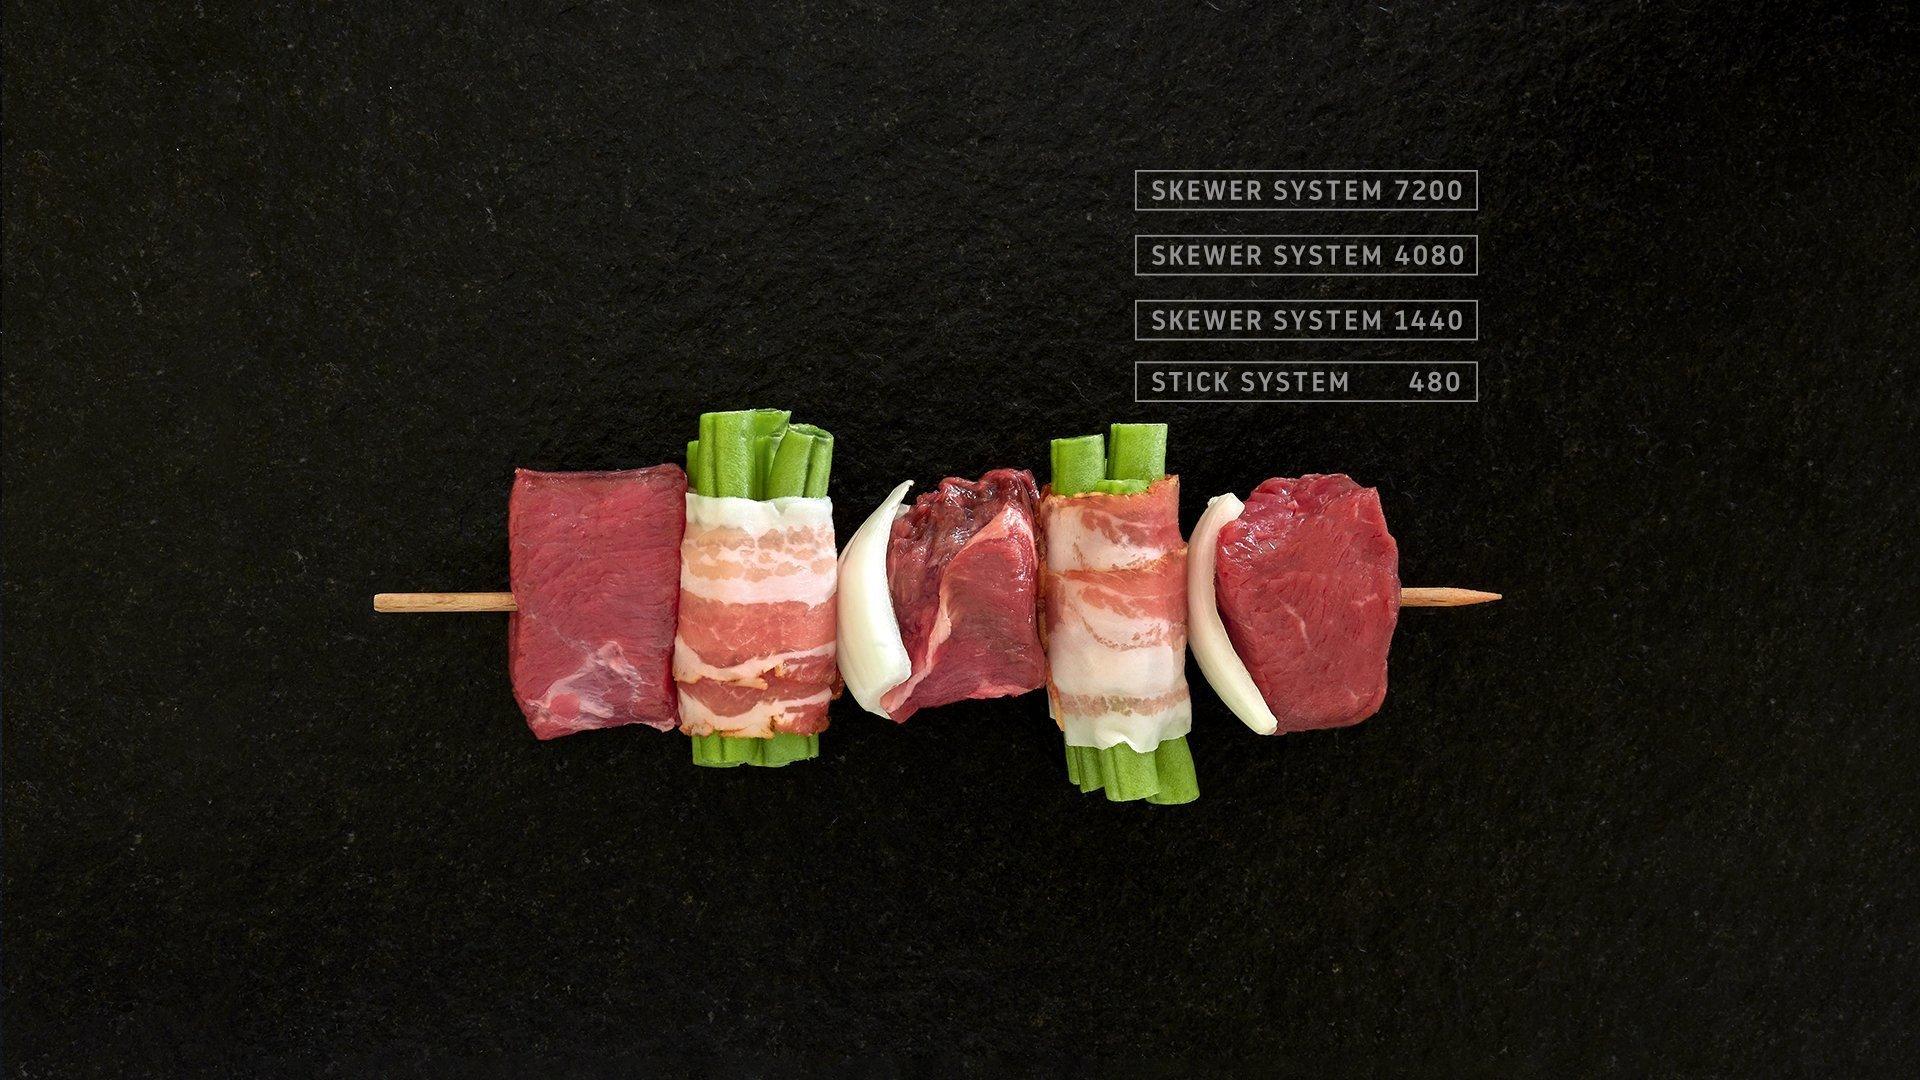 Miveg Skewer Systems · Fleisch Speck Bohnen Spieß · Meat bacon beans skewerv